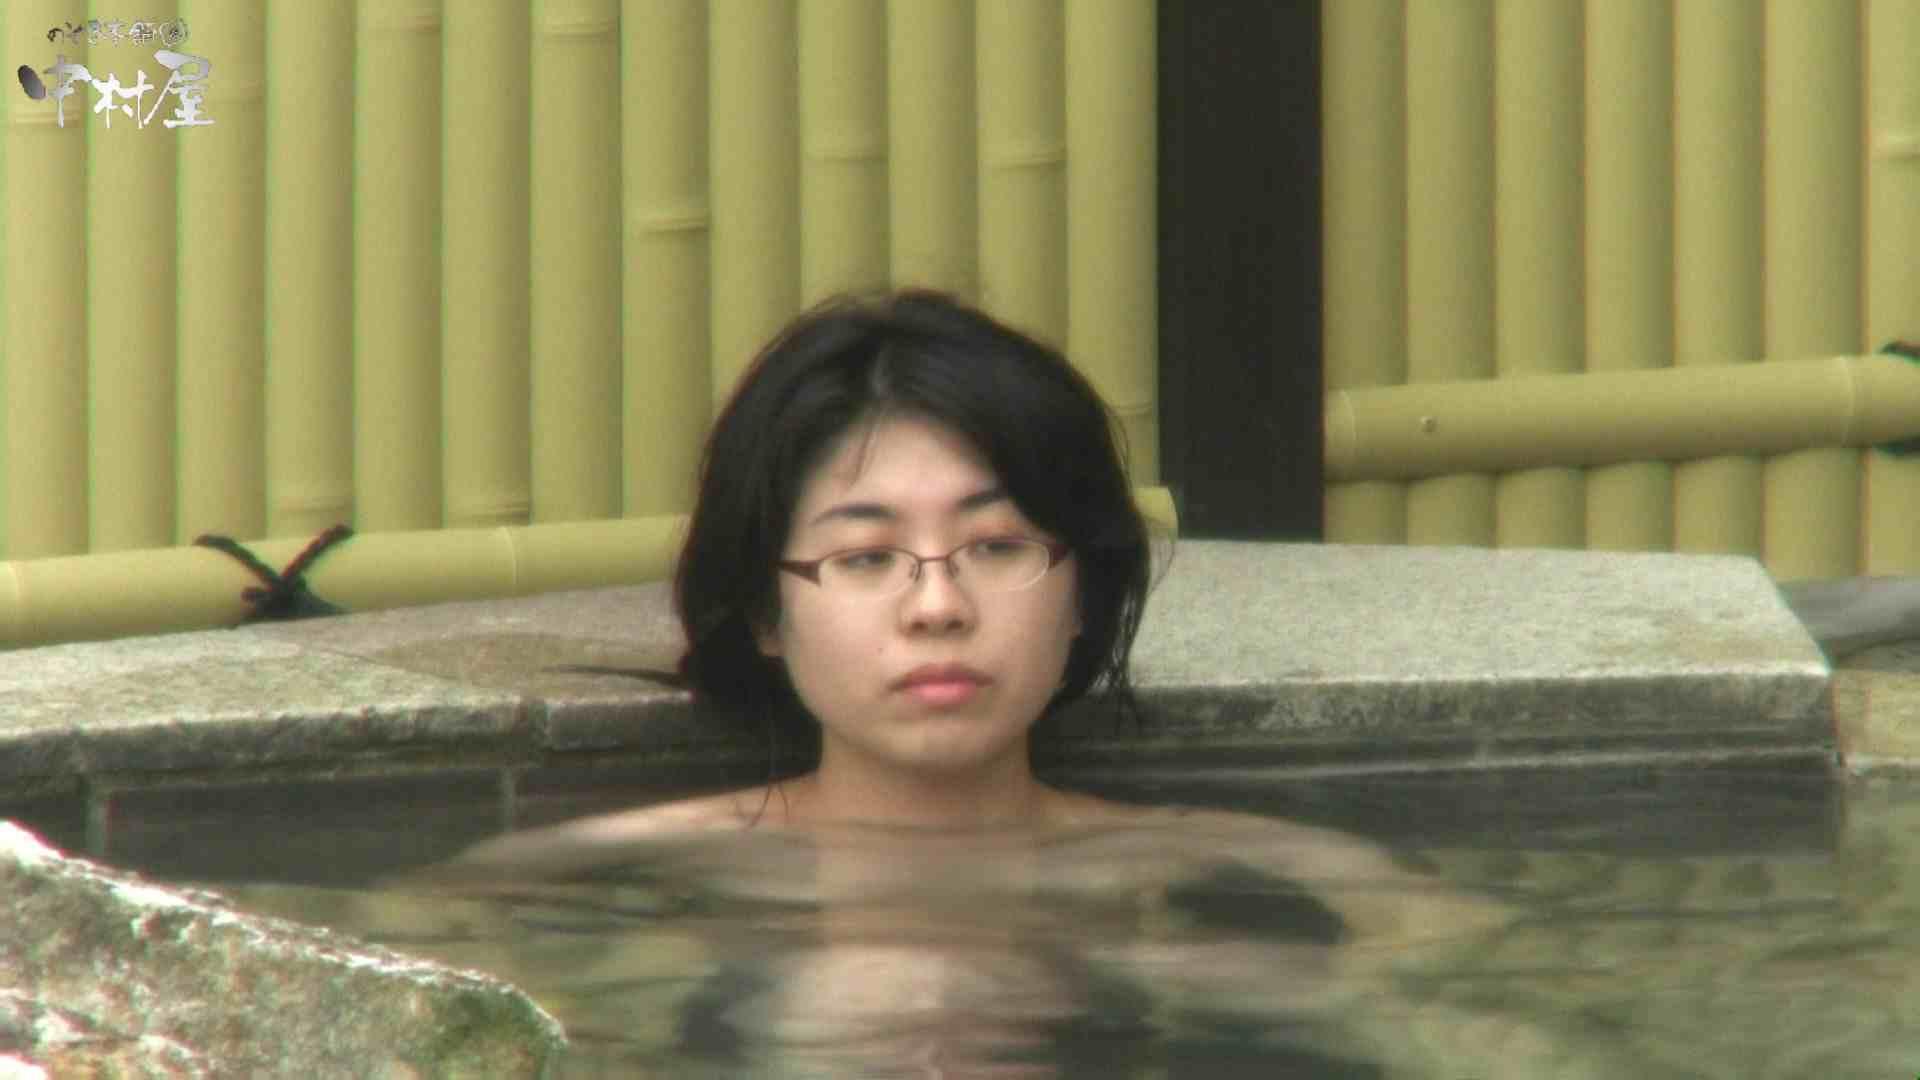 Aquaな露天風呂Vol.947 綺麗なOLたち おまんこ動画流出 111枚 98